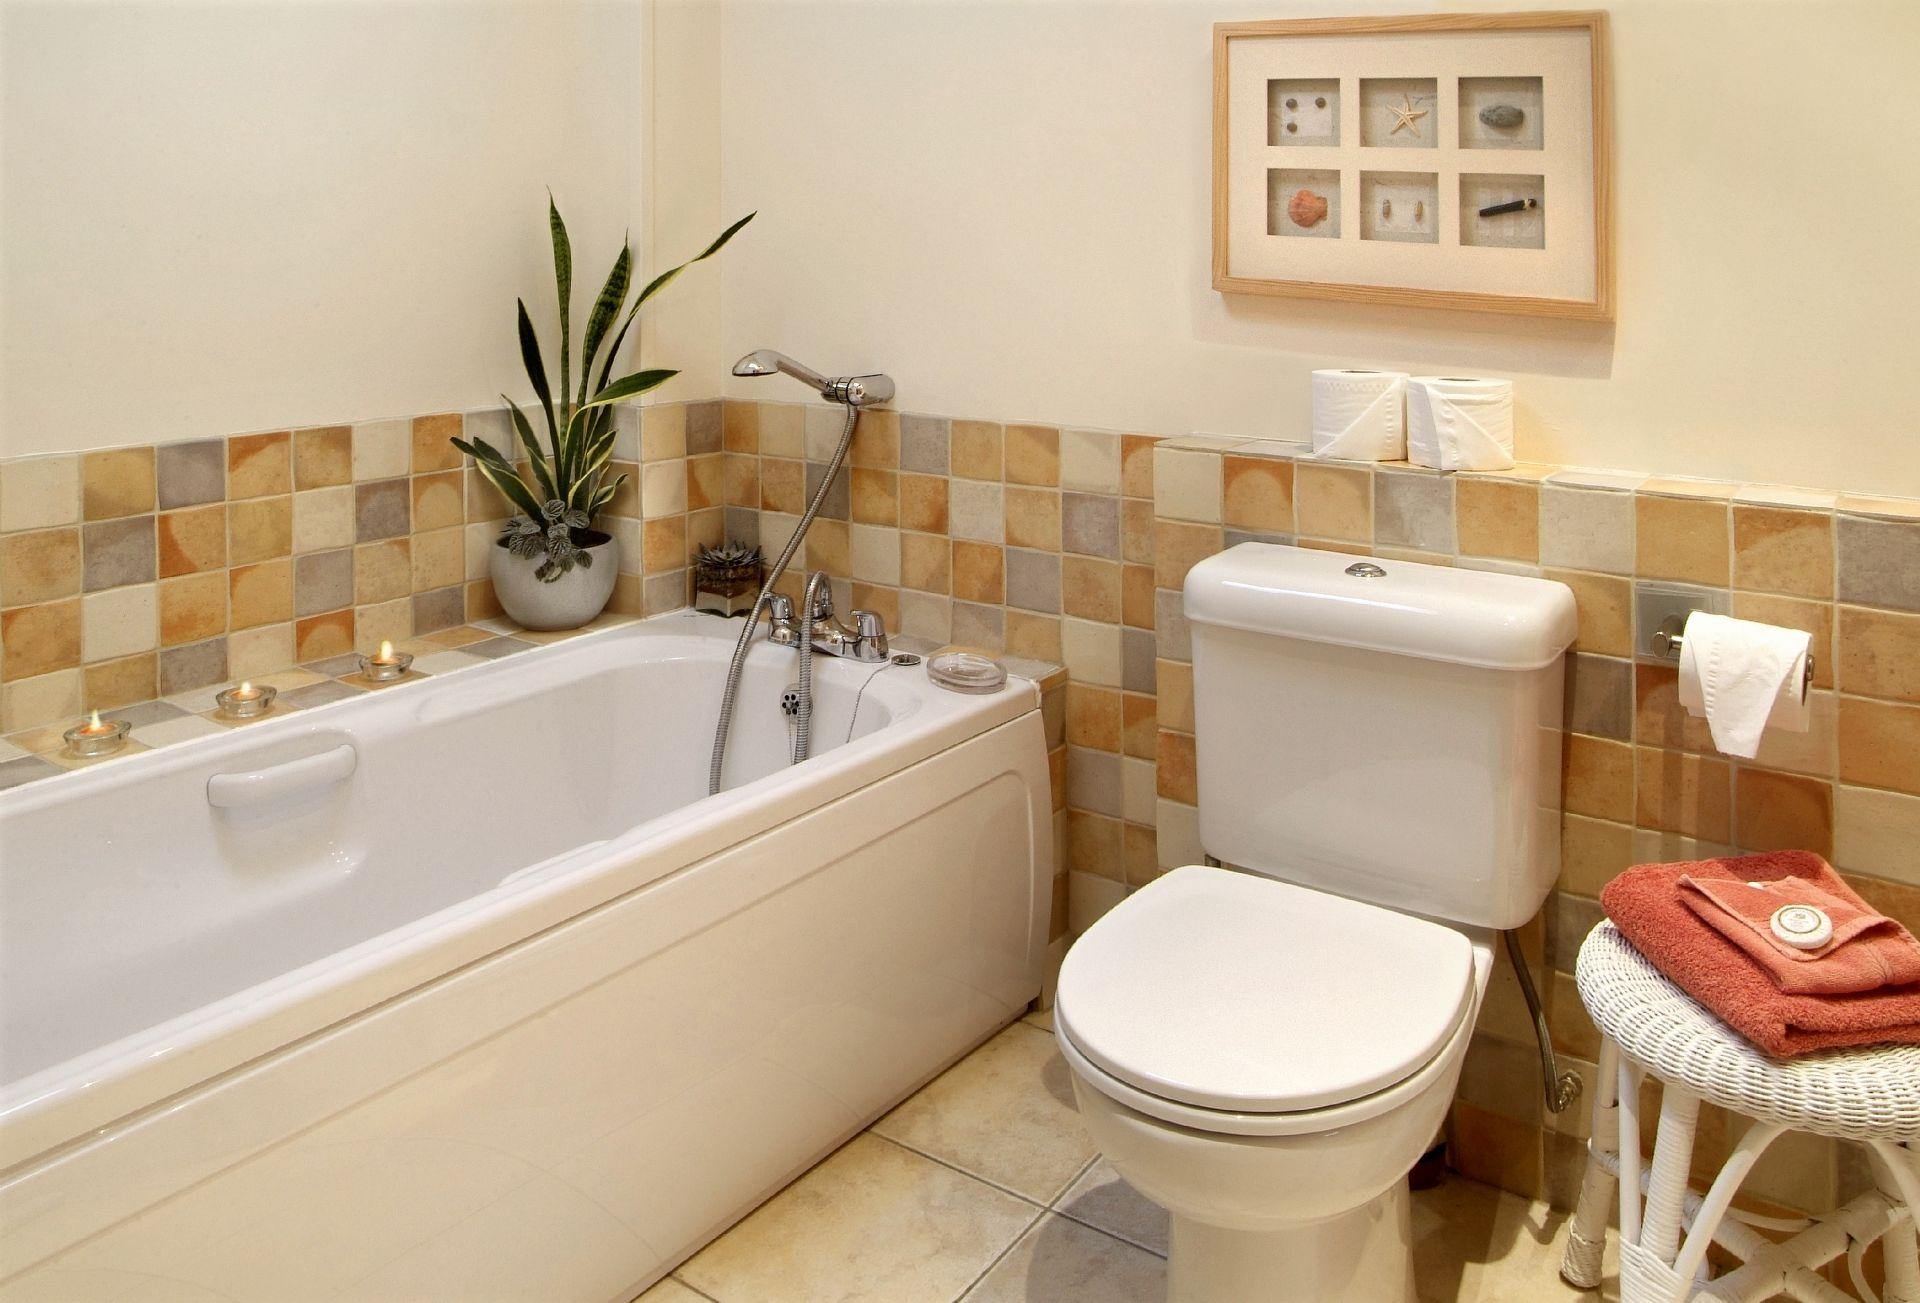 Ground floor: En-suite bathroom with wc